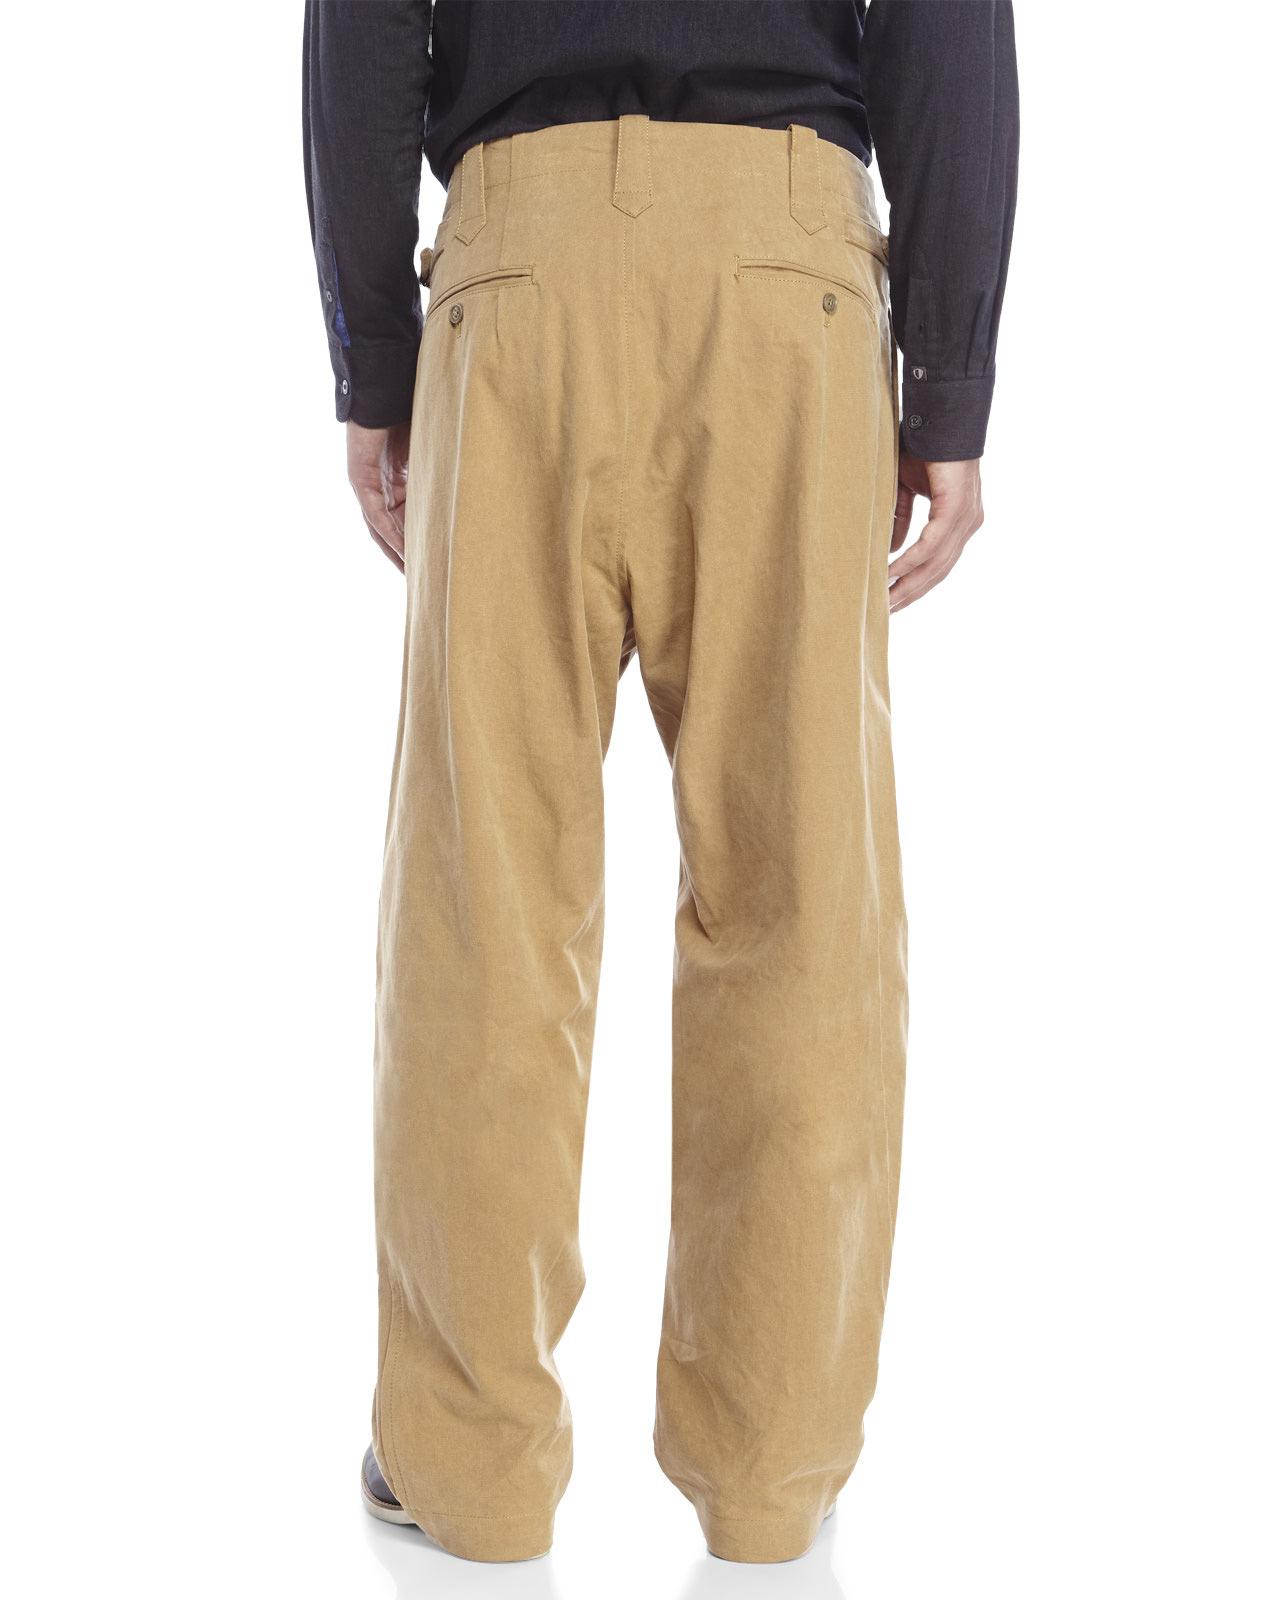 Mens wide leg pants memorable pants